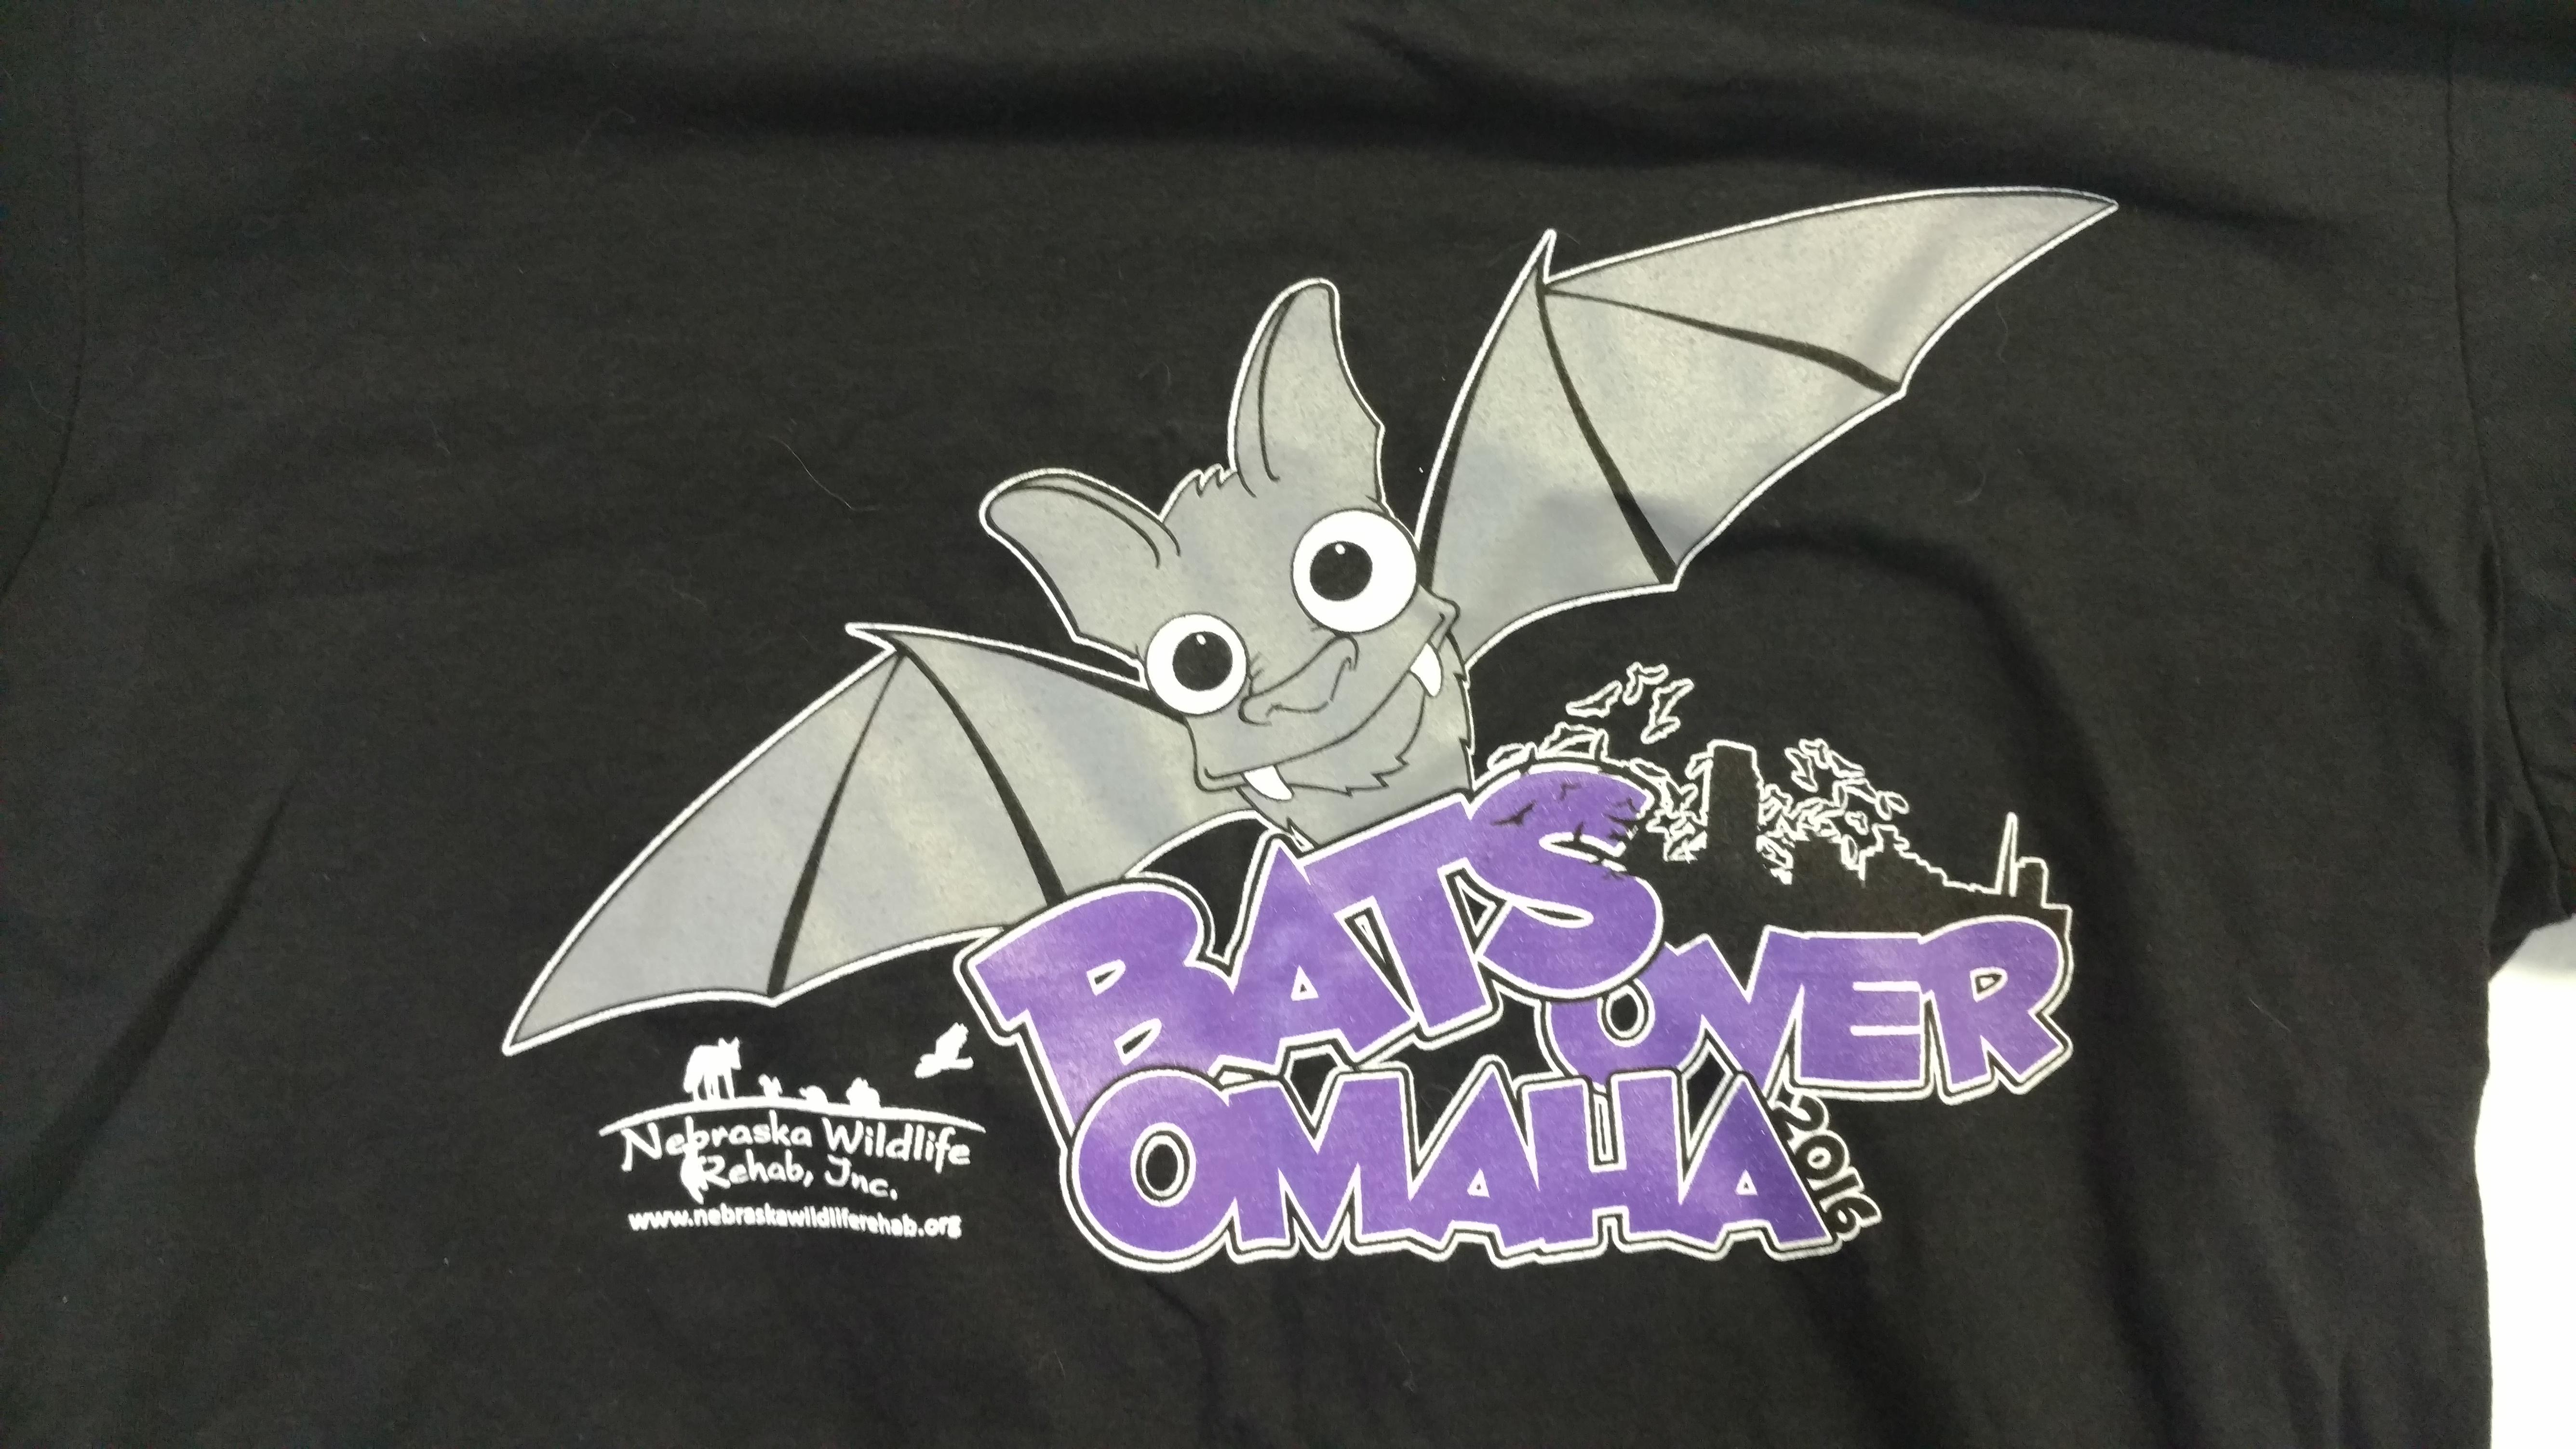 Bats Over Omaha Bat Release T-Shirt - 2016: Adult XL, Black